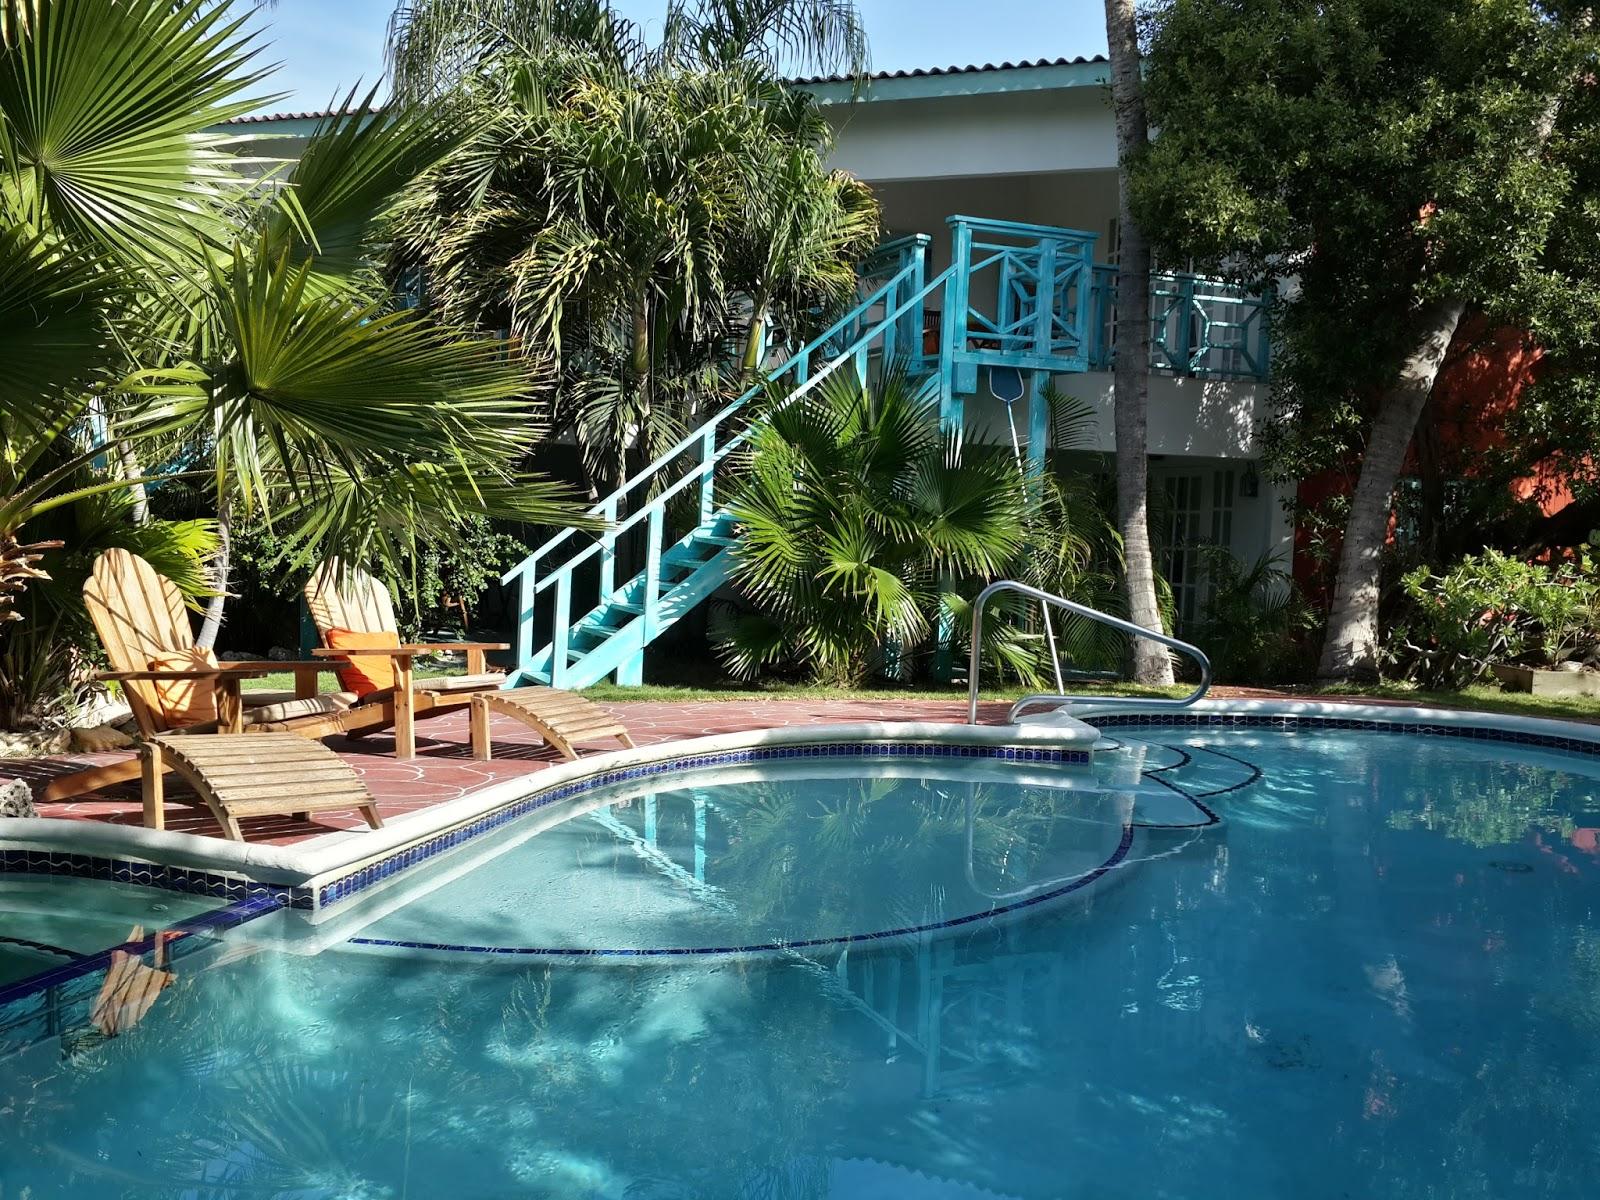 Blog Apaixonados por Viagens Aruba Hospedagem Boardwalk Small  #144E69 1600 1200